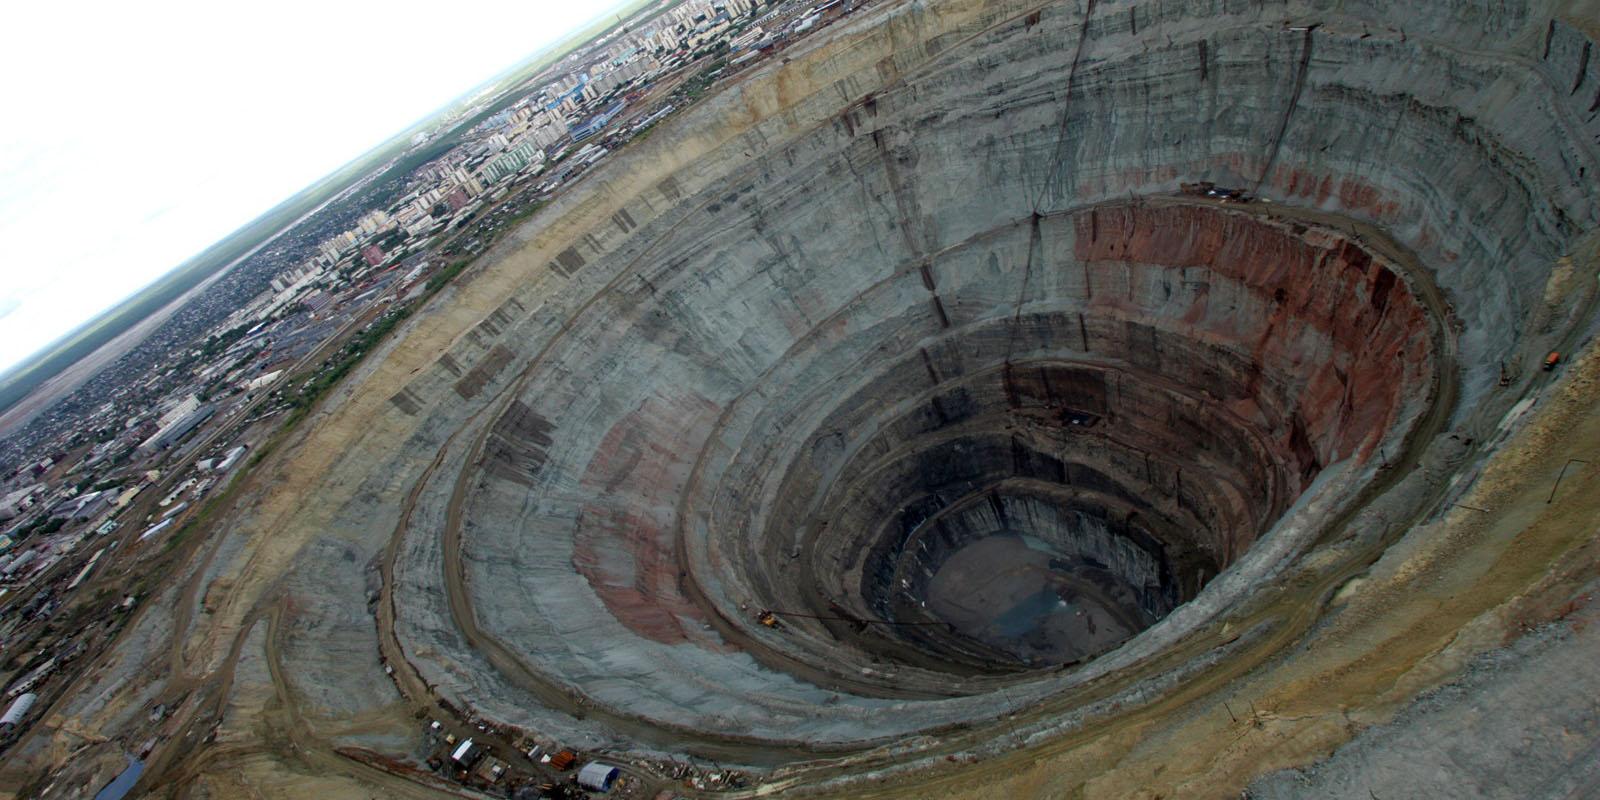 ارزش کل تولیدات معدنی به 8 هزار میلیارد تومان کاهش یافت